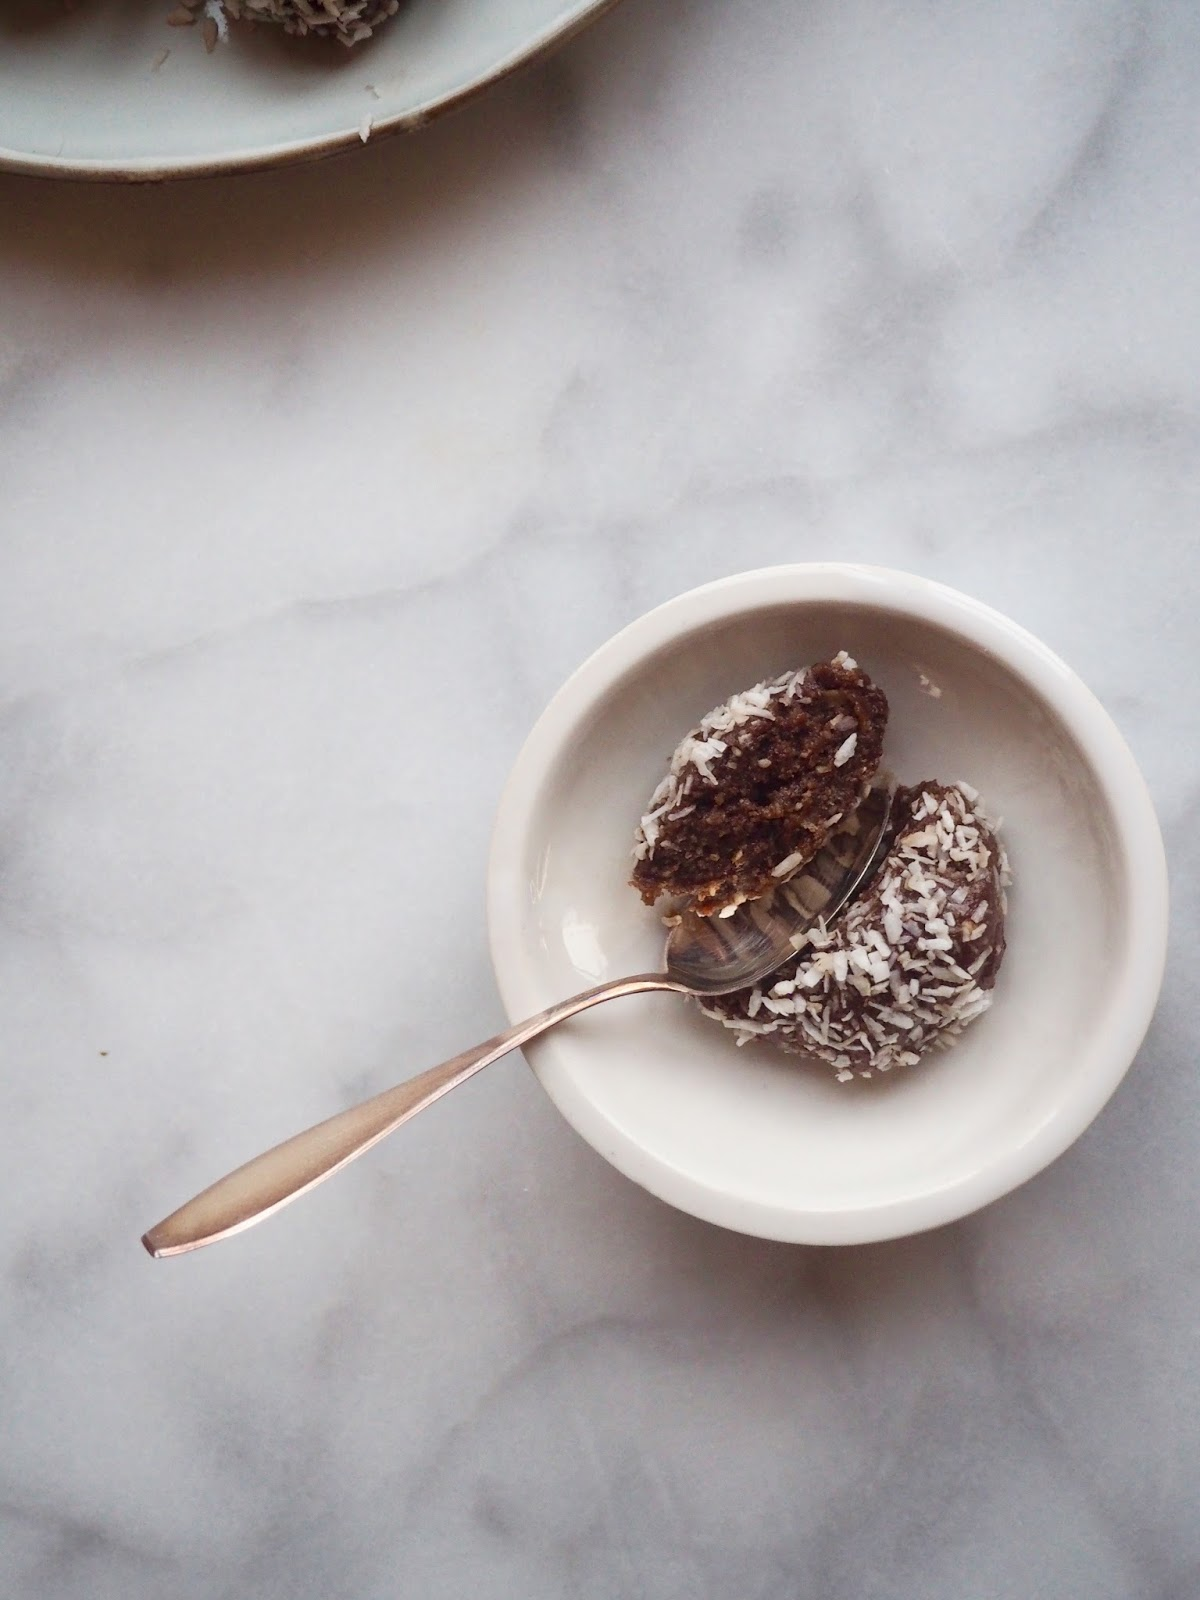 raakakookospallot, gluteenittomat kookospallot, vegaaniset kookospallot, maidottomast suklaapallot, maidottomat kookospallot, raakakookospallot